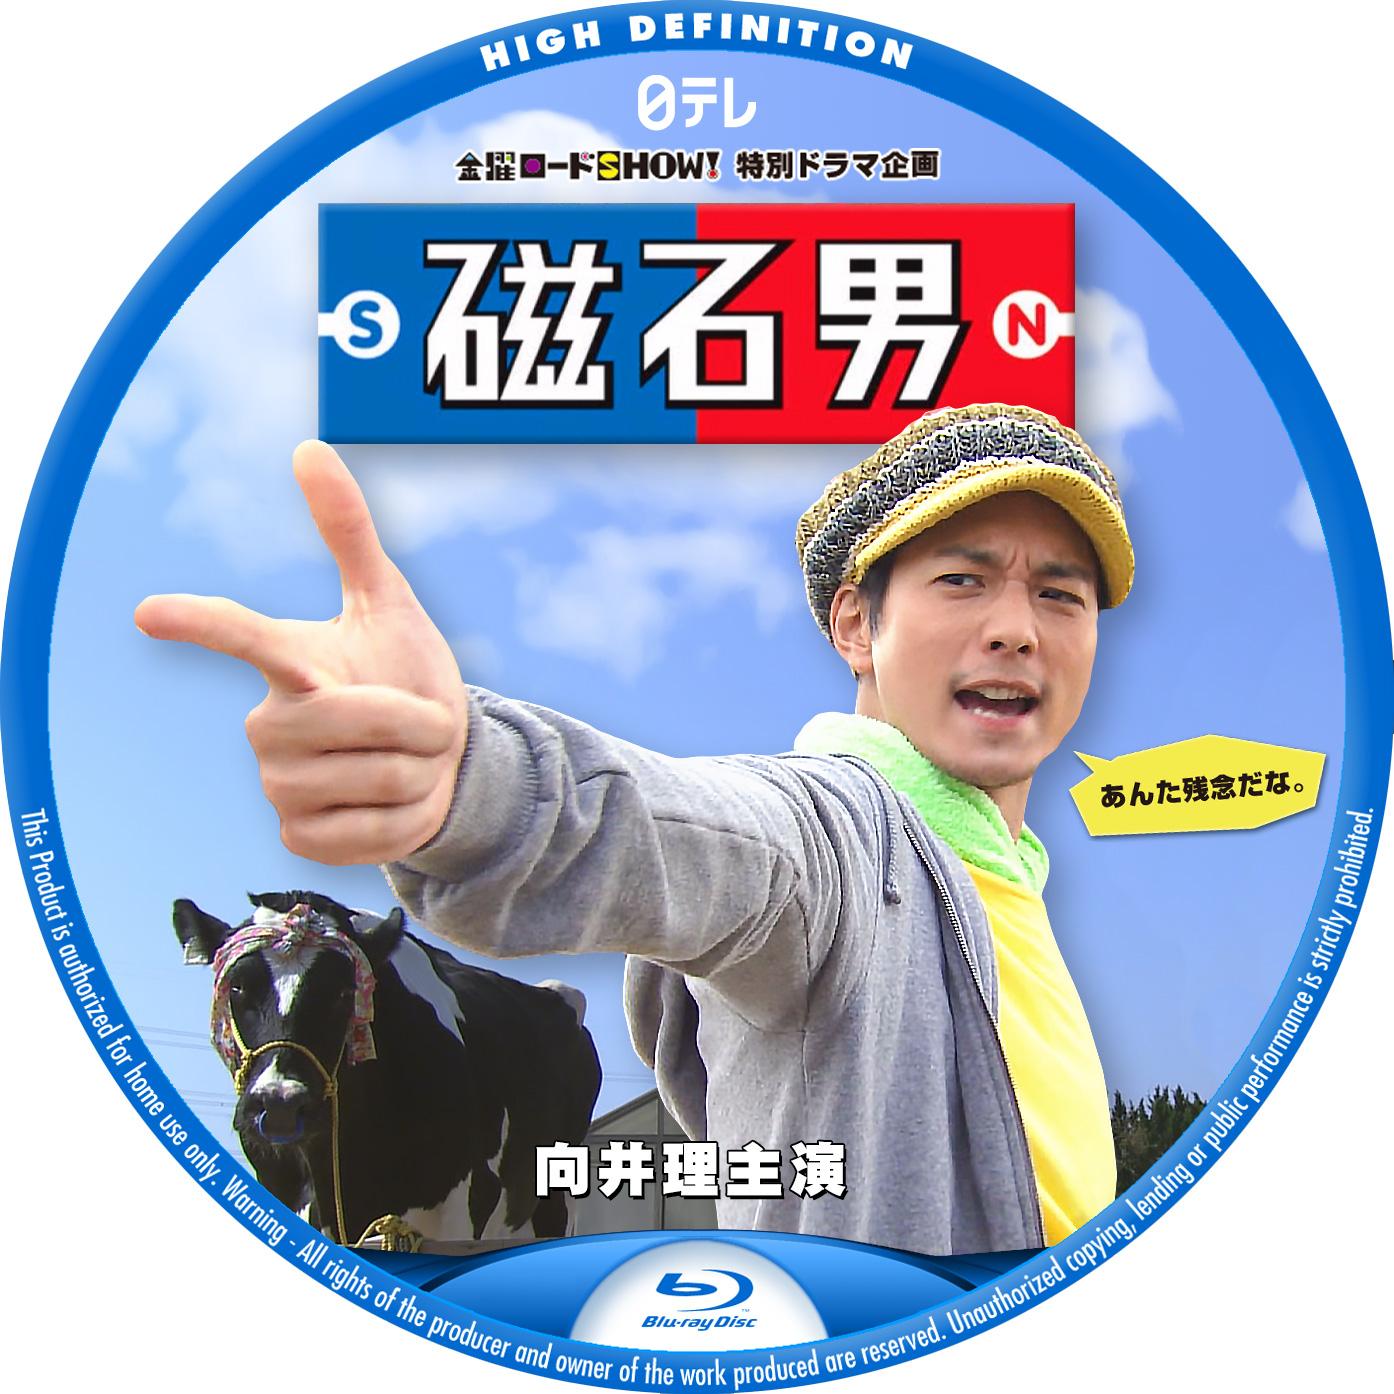 磁石男 向井理 Blu-ray ラベル